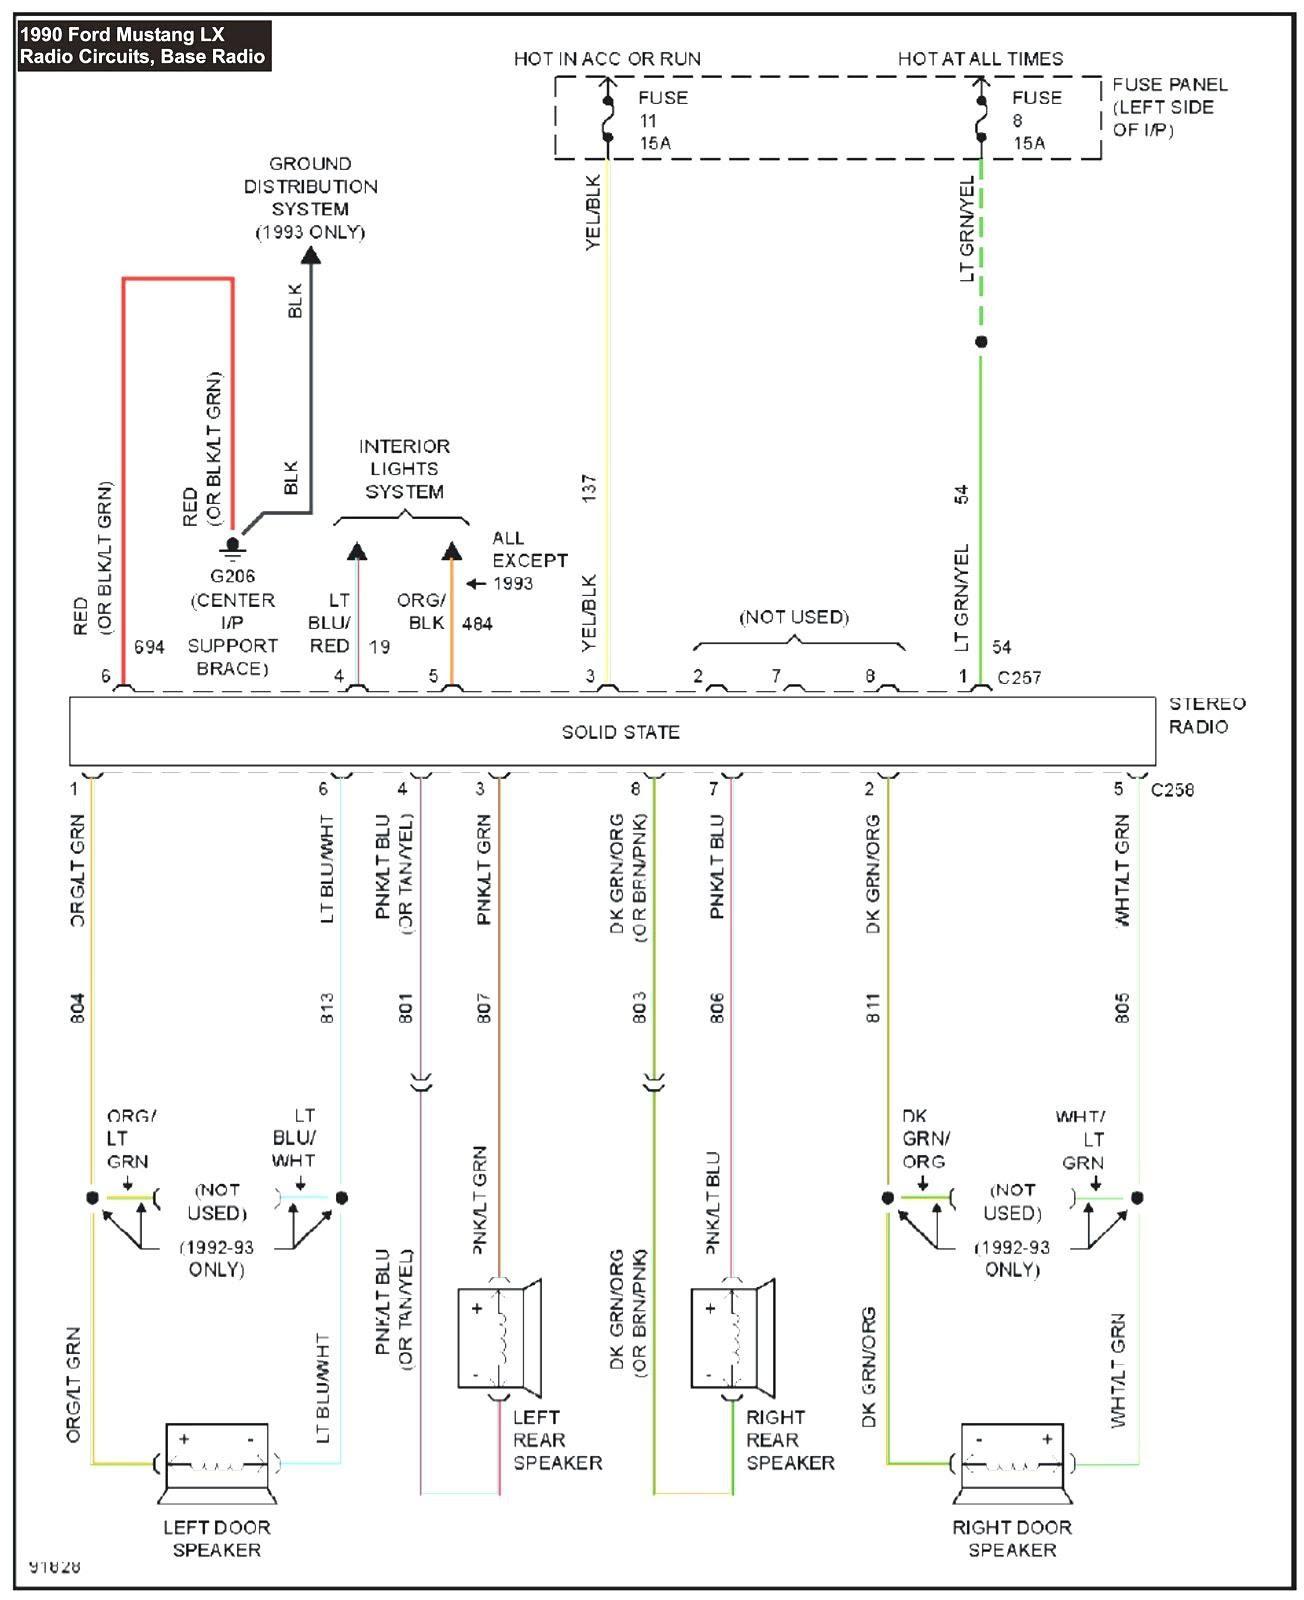 [DIAGRAM] 1995 Ford E350 Tail Light Diagram FULL Version